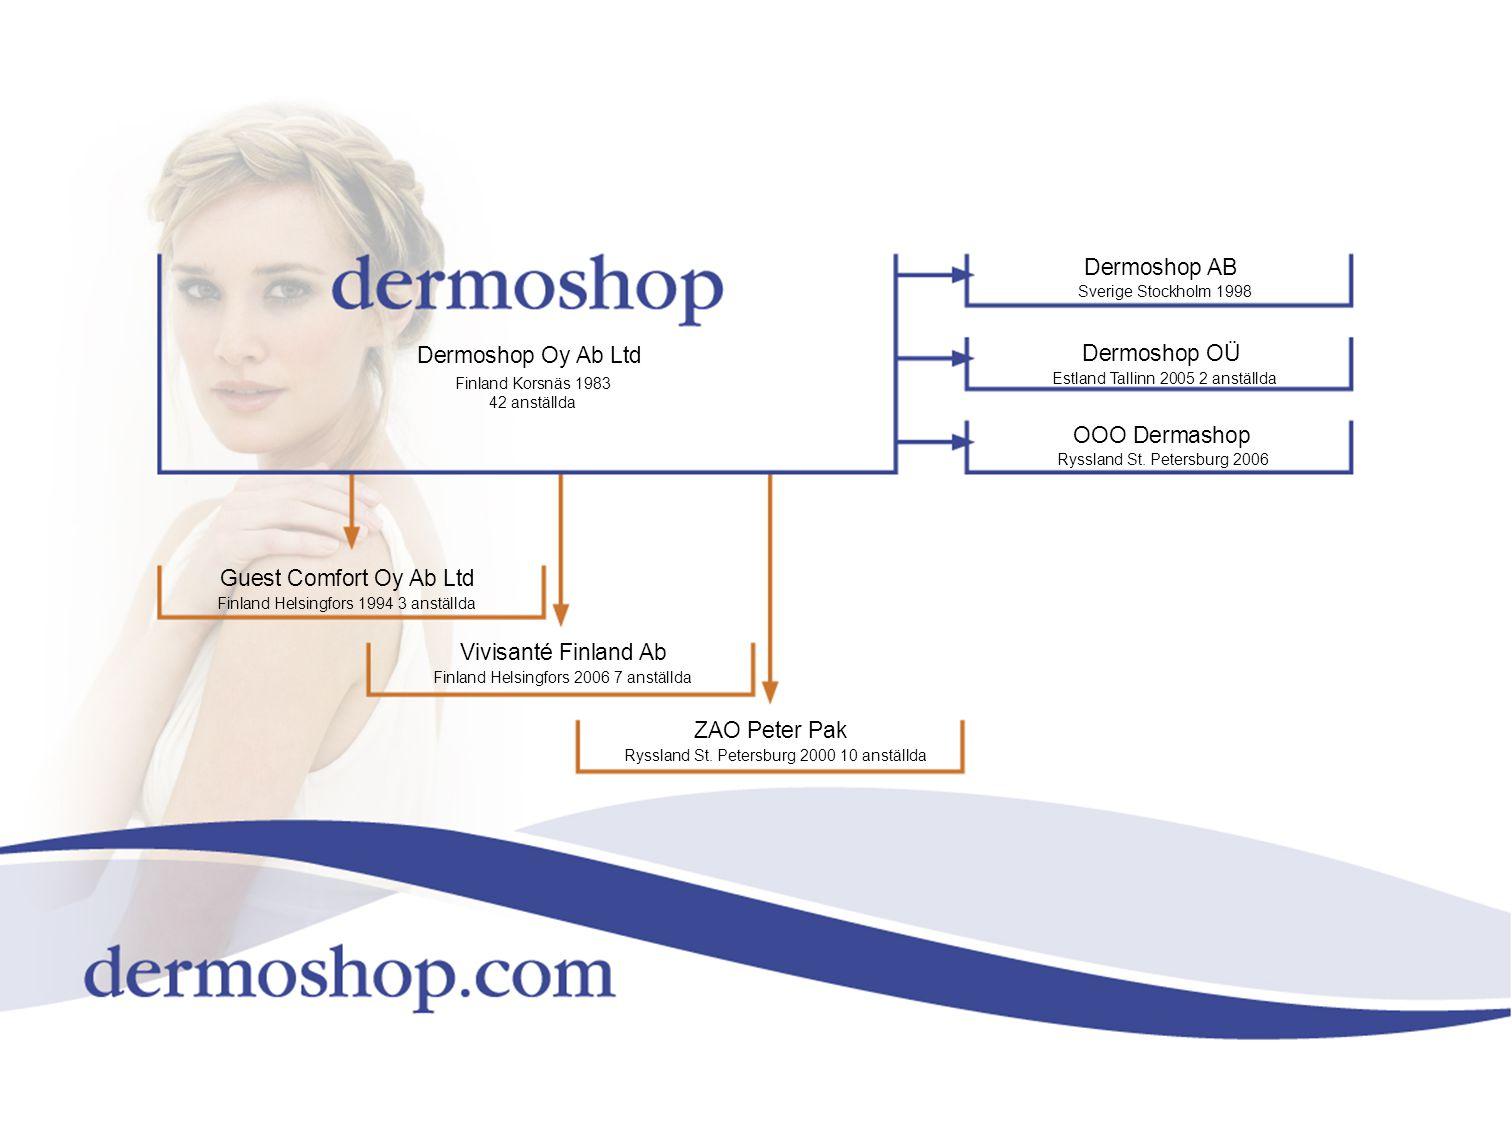 Dermoshop Oy Ab Ltd Finland Korsnäs 1983 42 anställda Dermoshop AB Sverige Stockholm 1998 Dermoshop OÜ Estland Tallinn 2005 2 anställda OOO Dermashop